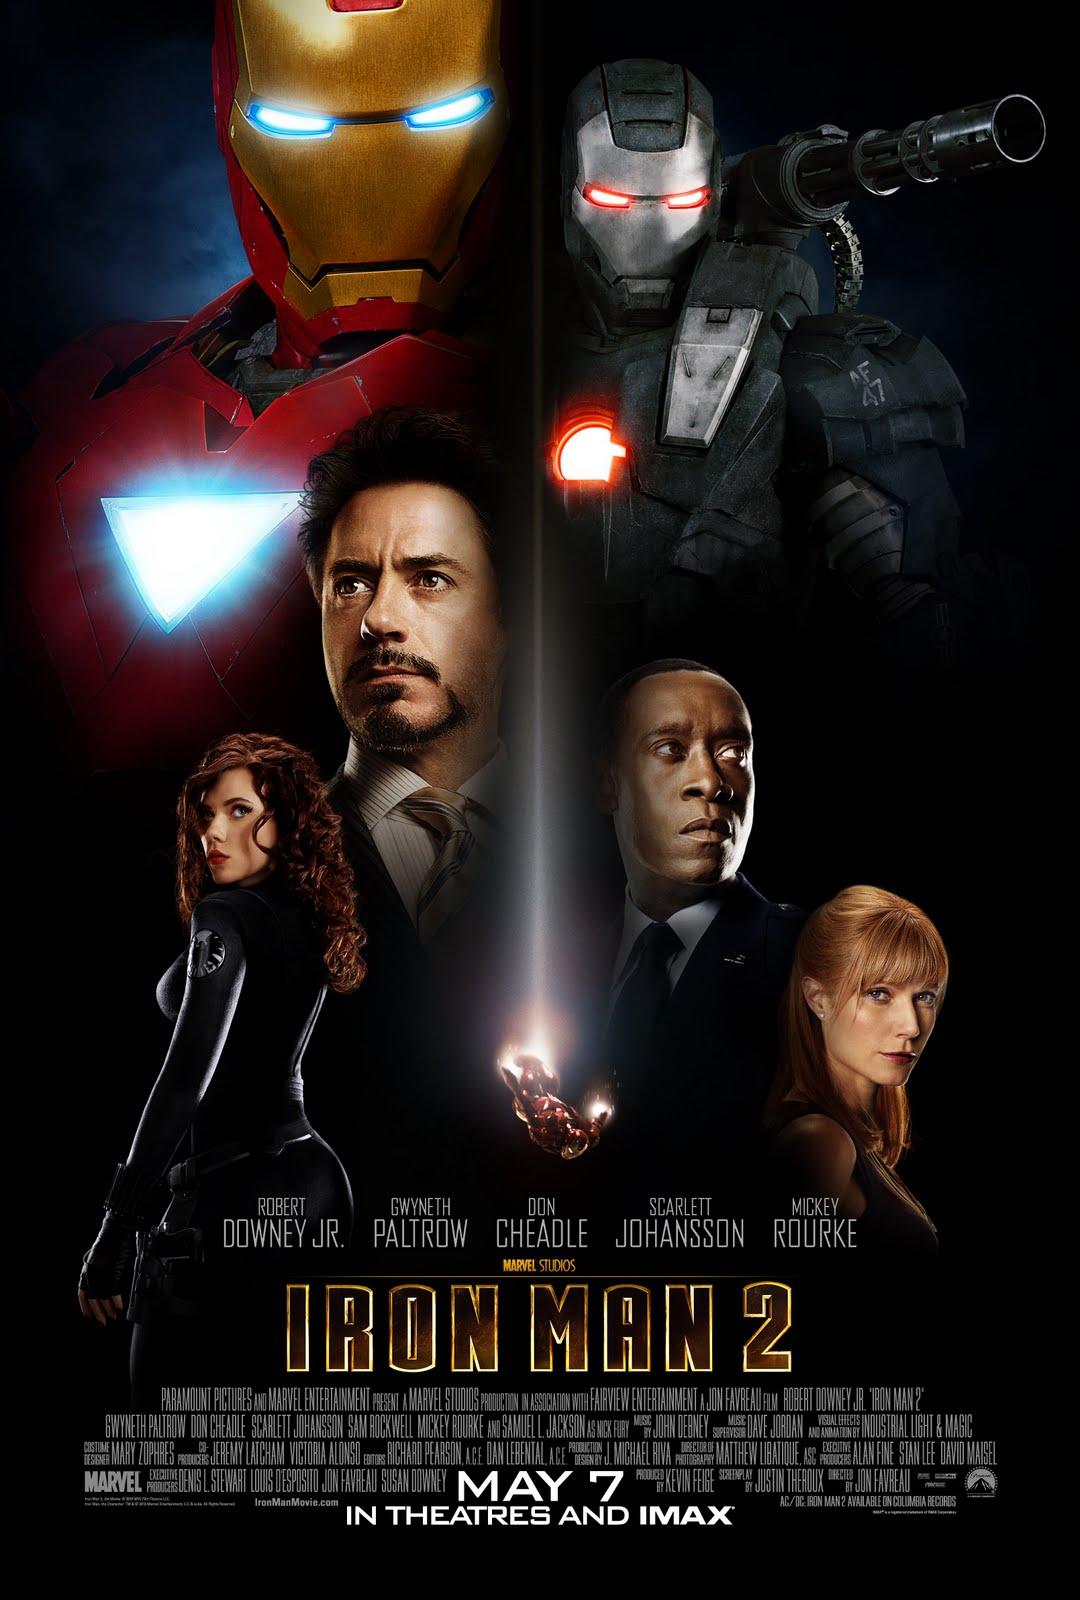 http://2.bp.blogspot.com/_X3pDQZTzWfA/S-du9fEr8AI/AAAAAAAAA3g/6KlJSXgORwY/s1600/iron-man-2-final-movie-poster-high-resolution.jpg